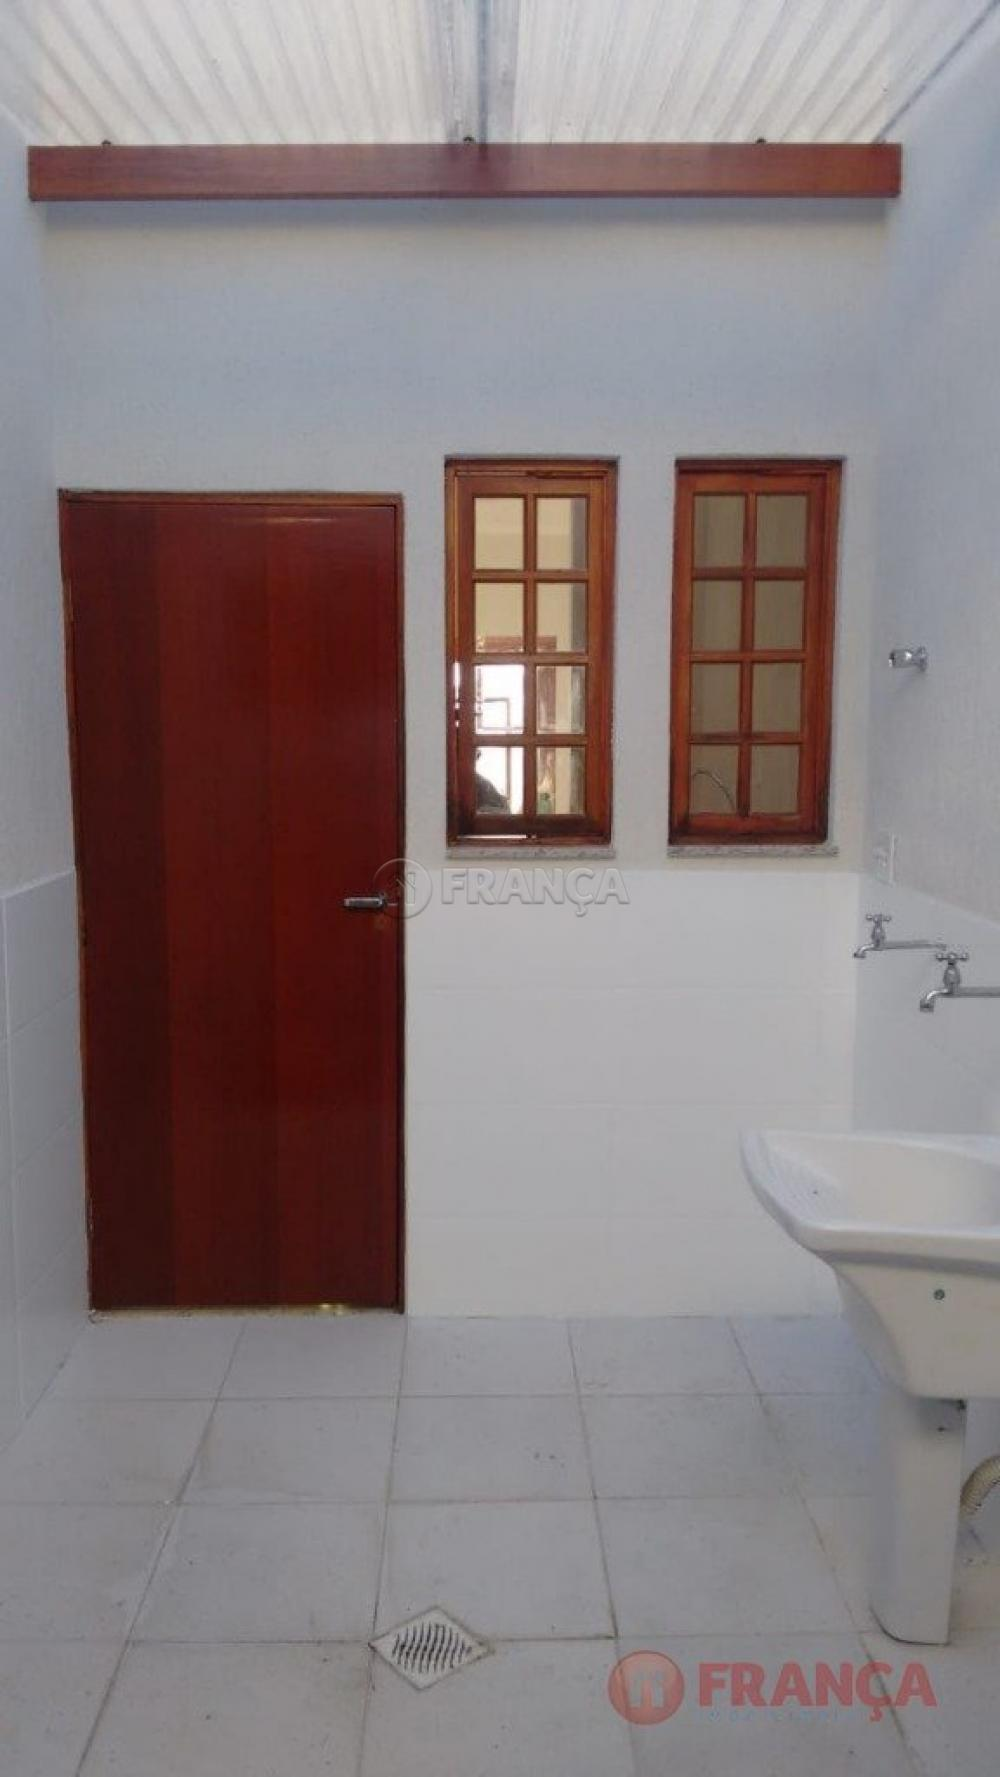 Comprar Casa / Padrão em Jacareí apenas R$ 265.000,00 - Foto 41